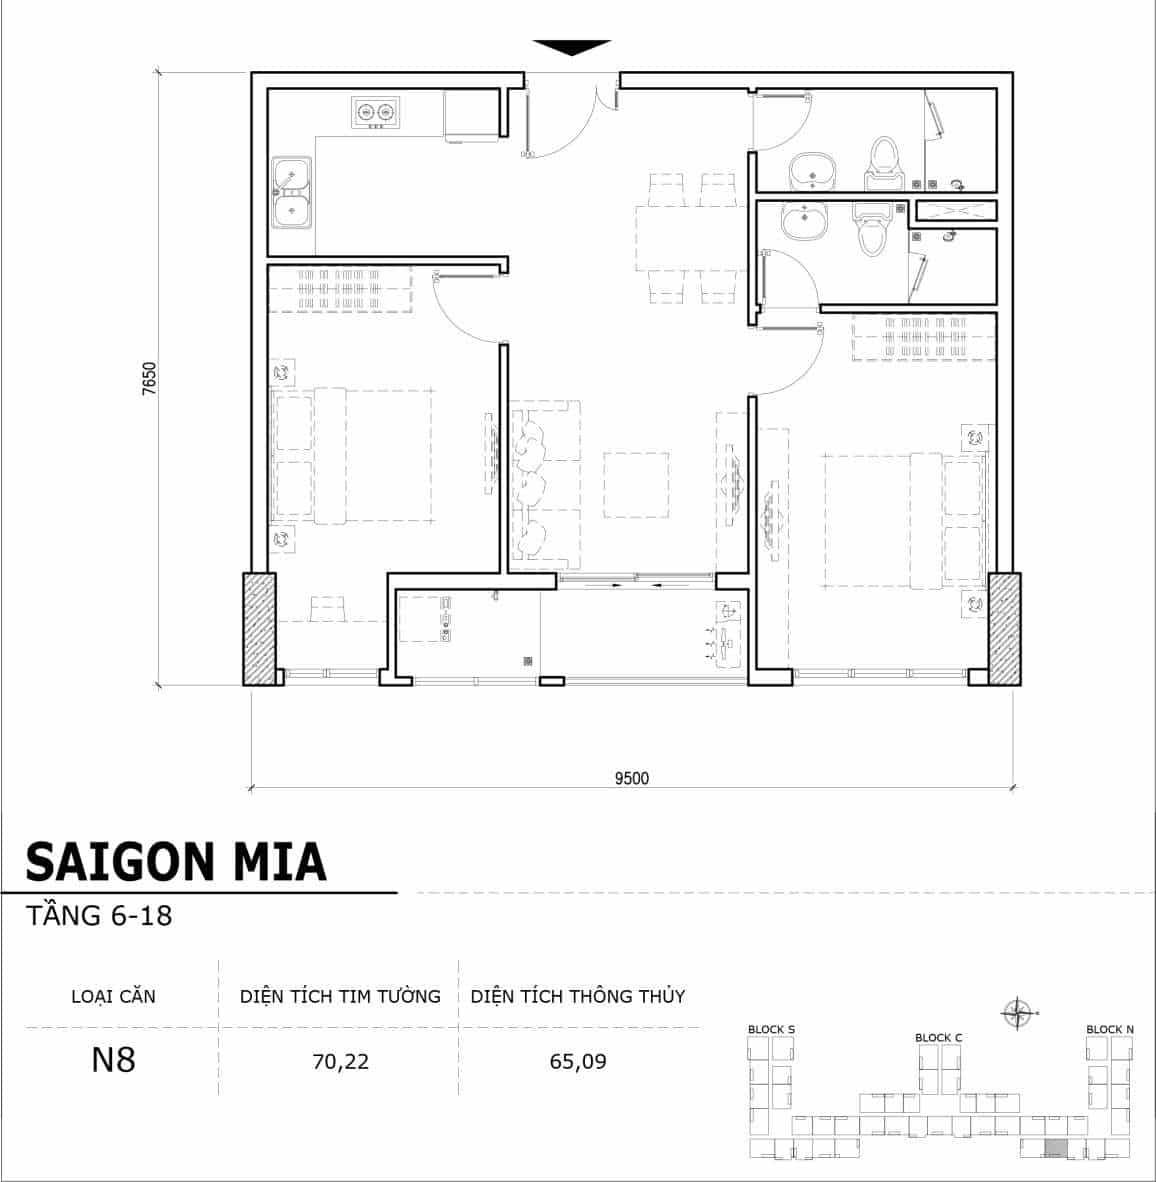 Chi tiết thiết kế căn hộ điển hình tầng 6-18 dự án Sài Gòn Mia - Căn N8